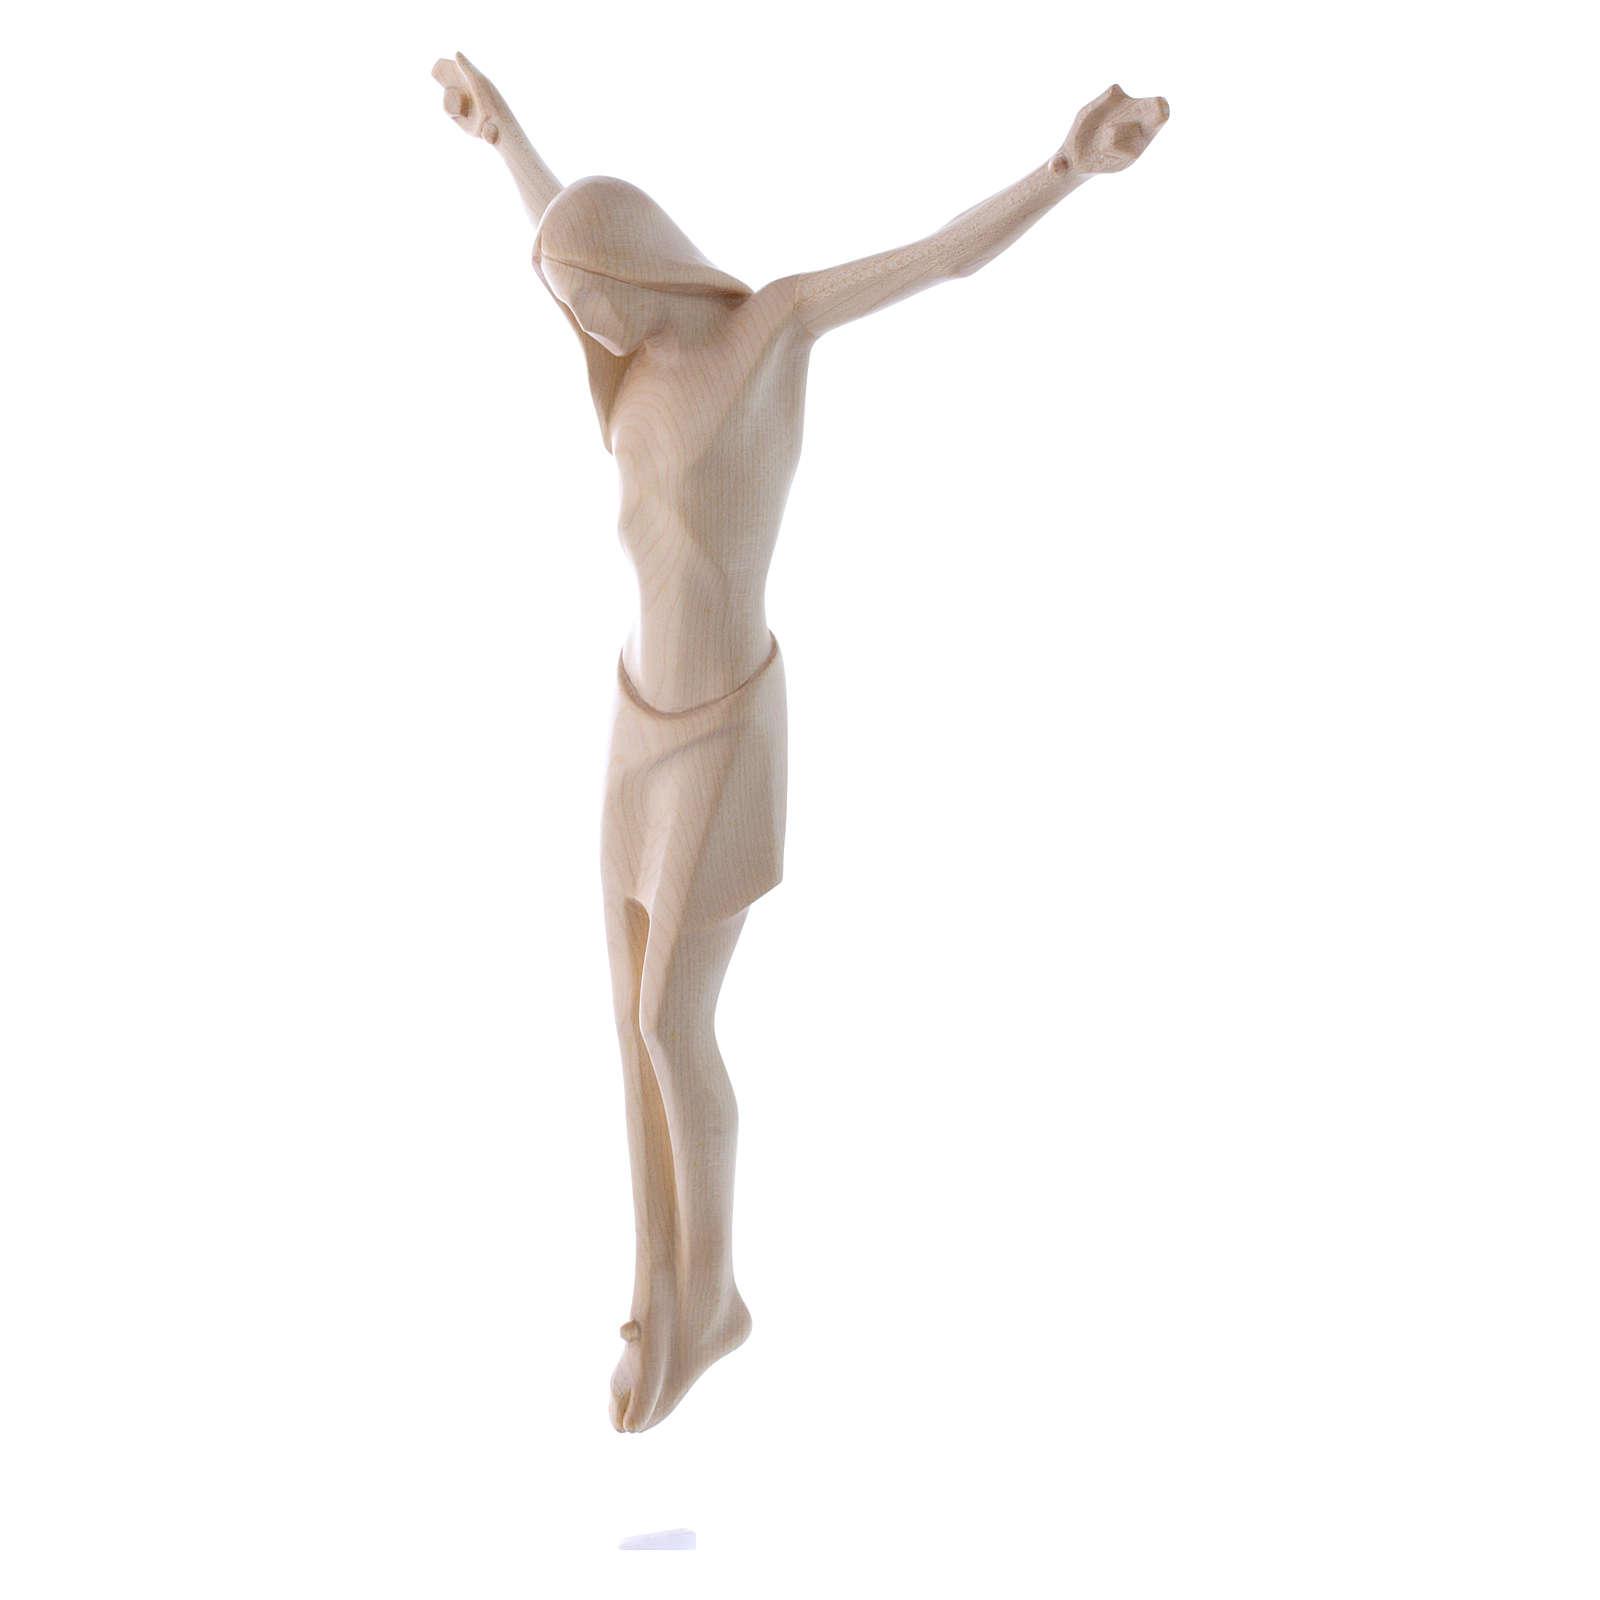 Cuerpo de Cristo, Corpus estilizado, madera Valgardena encerada 4